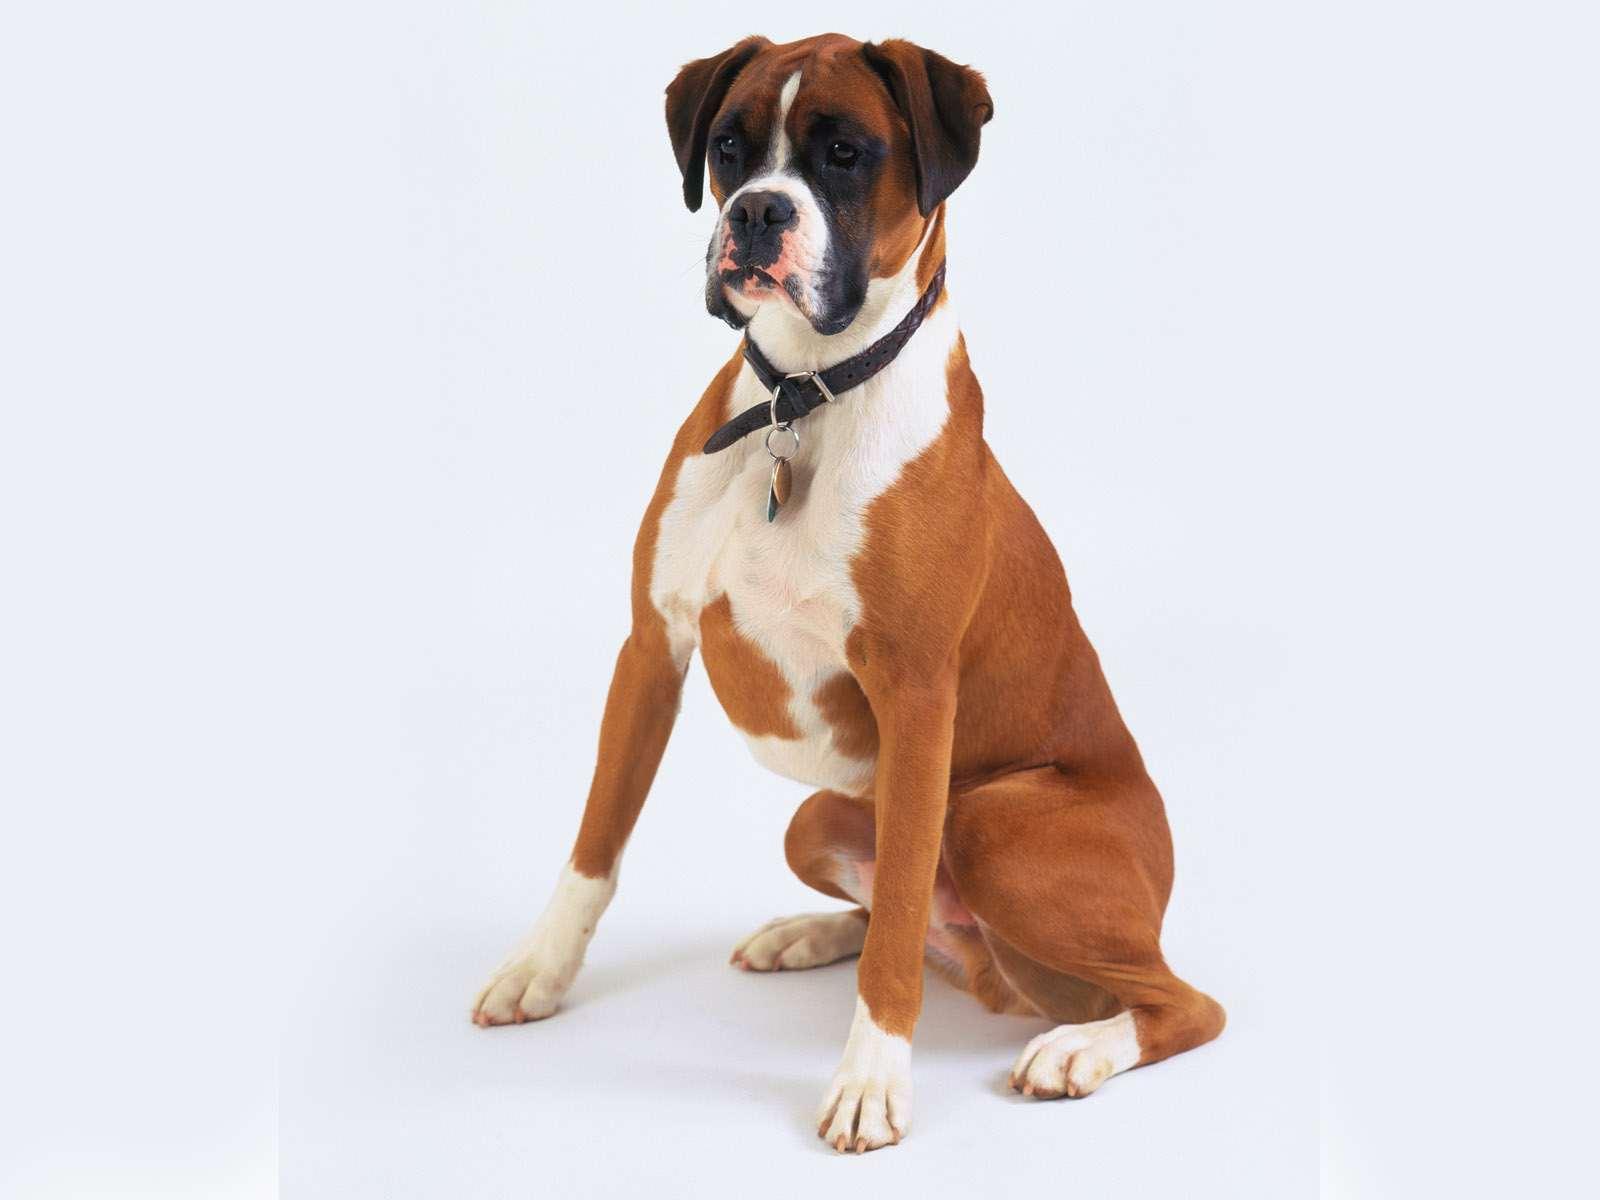 Немецкий боксер, фото породы собак картинка